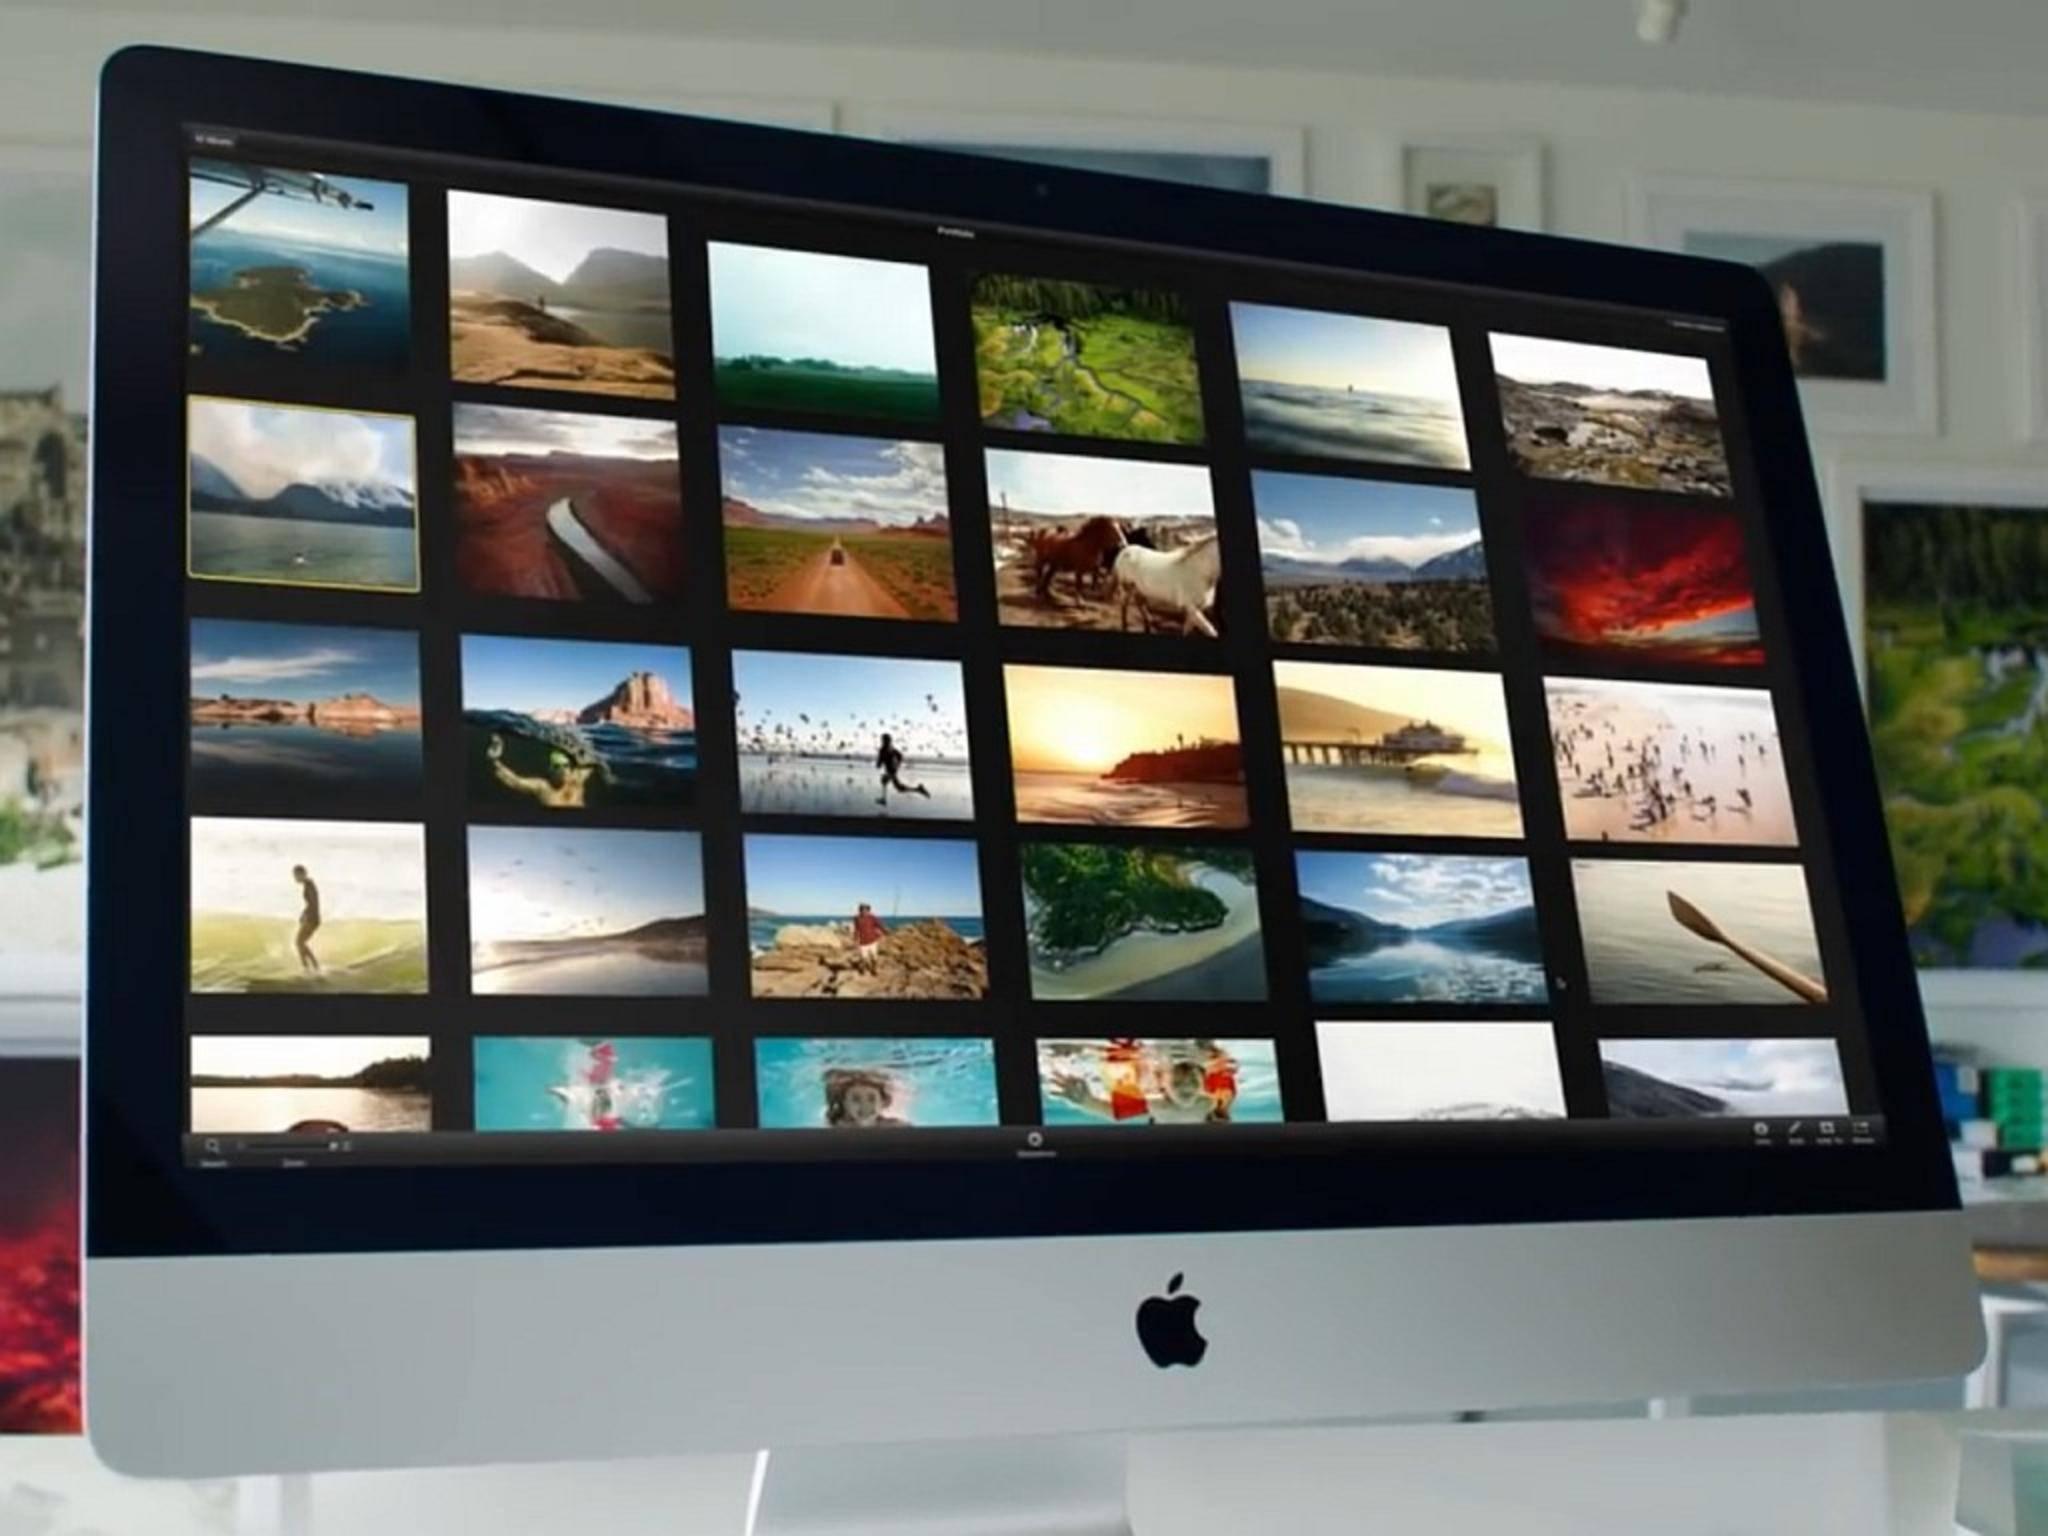 Keine Bange: Auch in Zukunft wird es weiterhin neue Modelle wie den iMac geben.